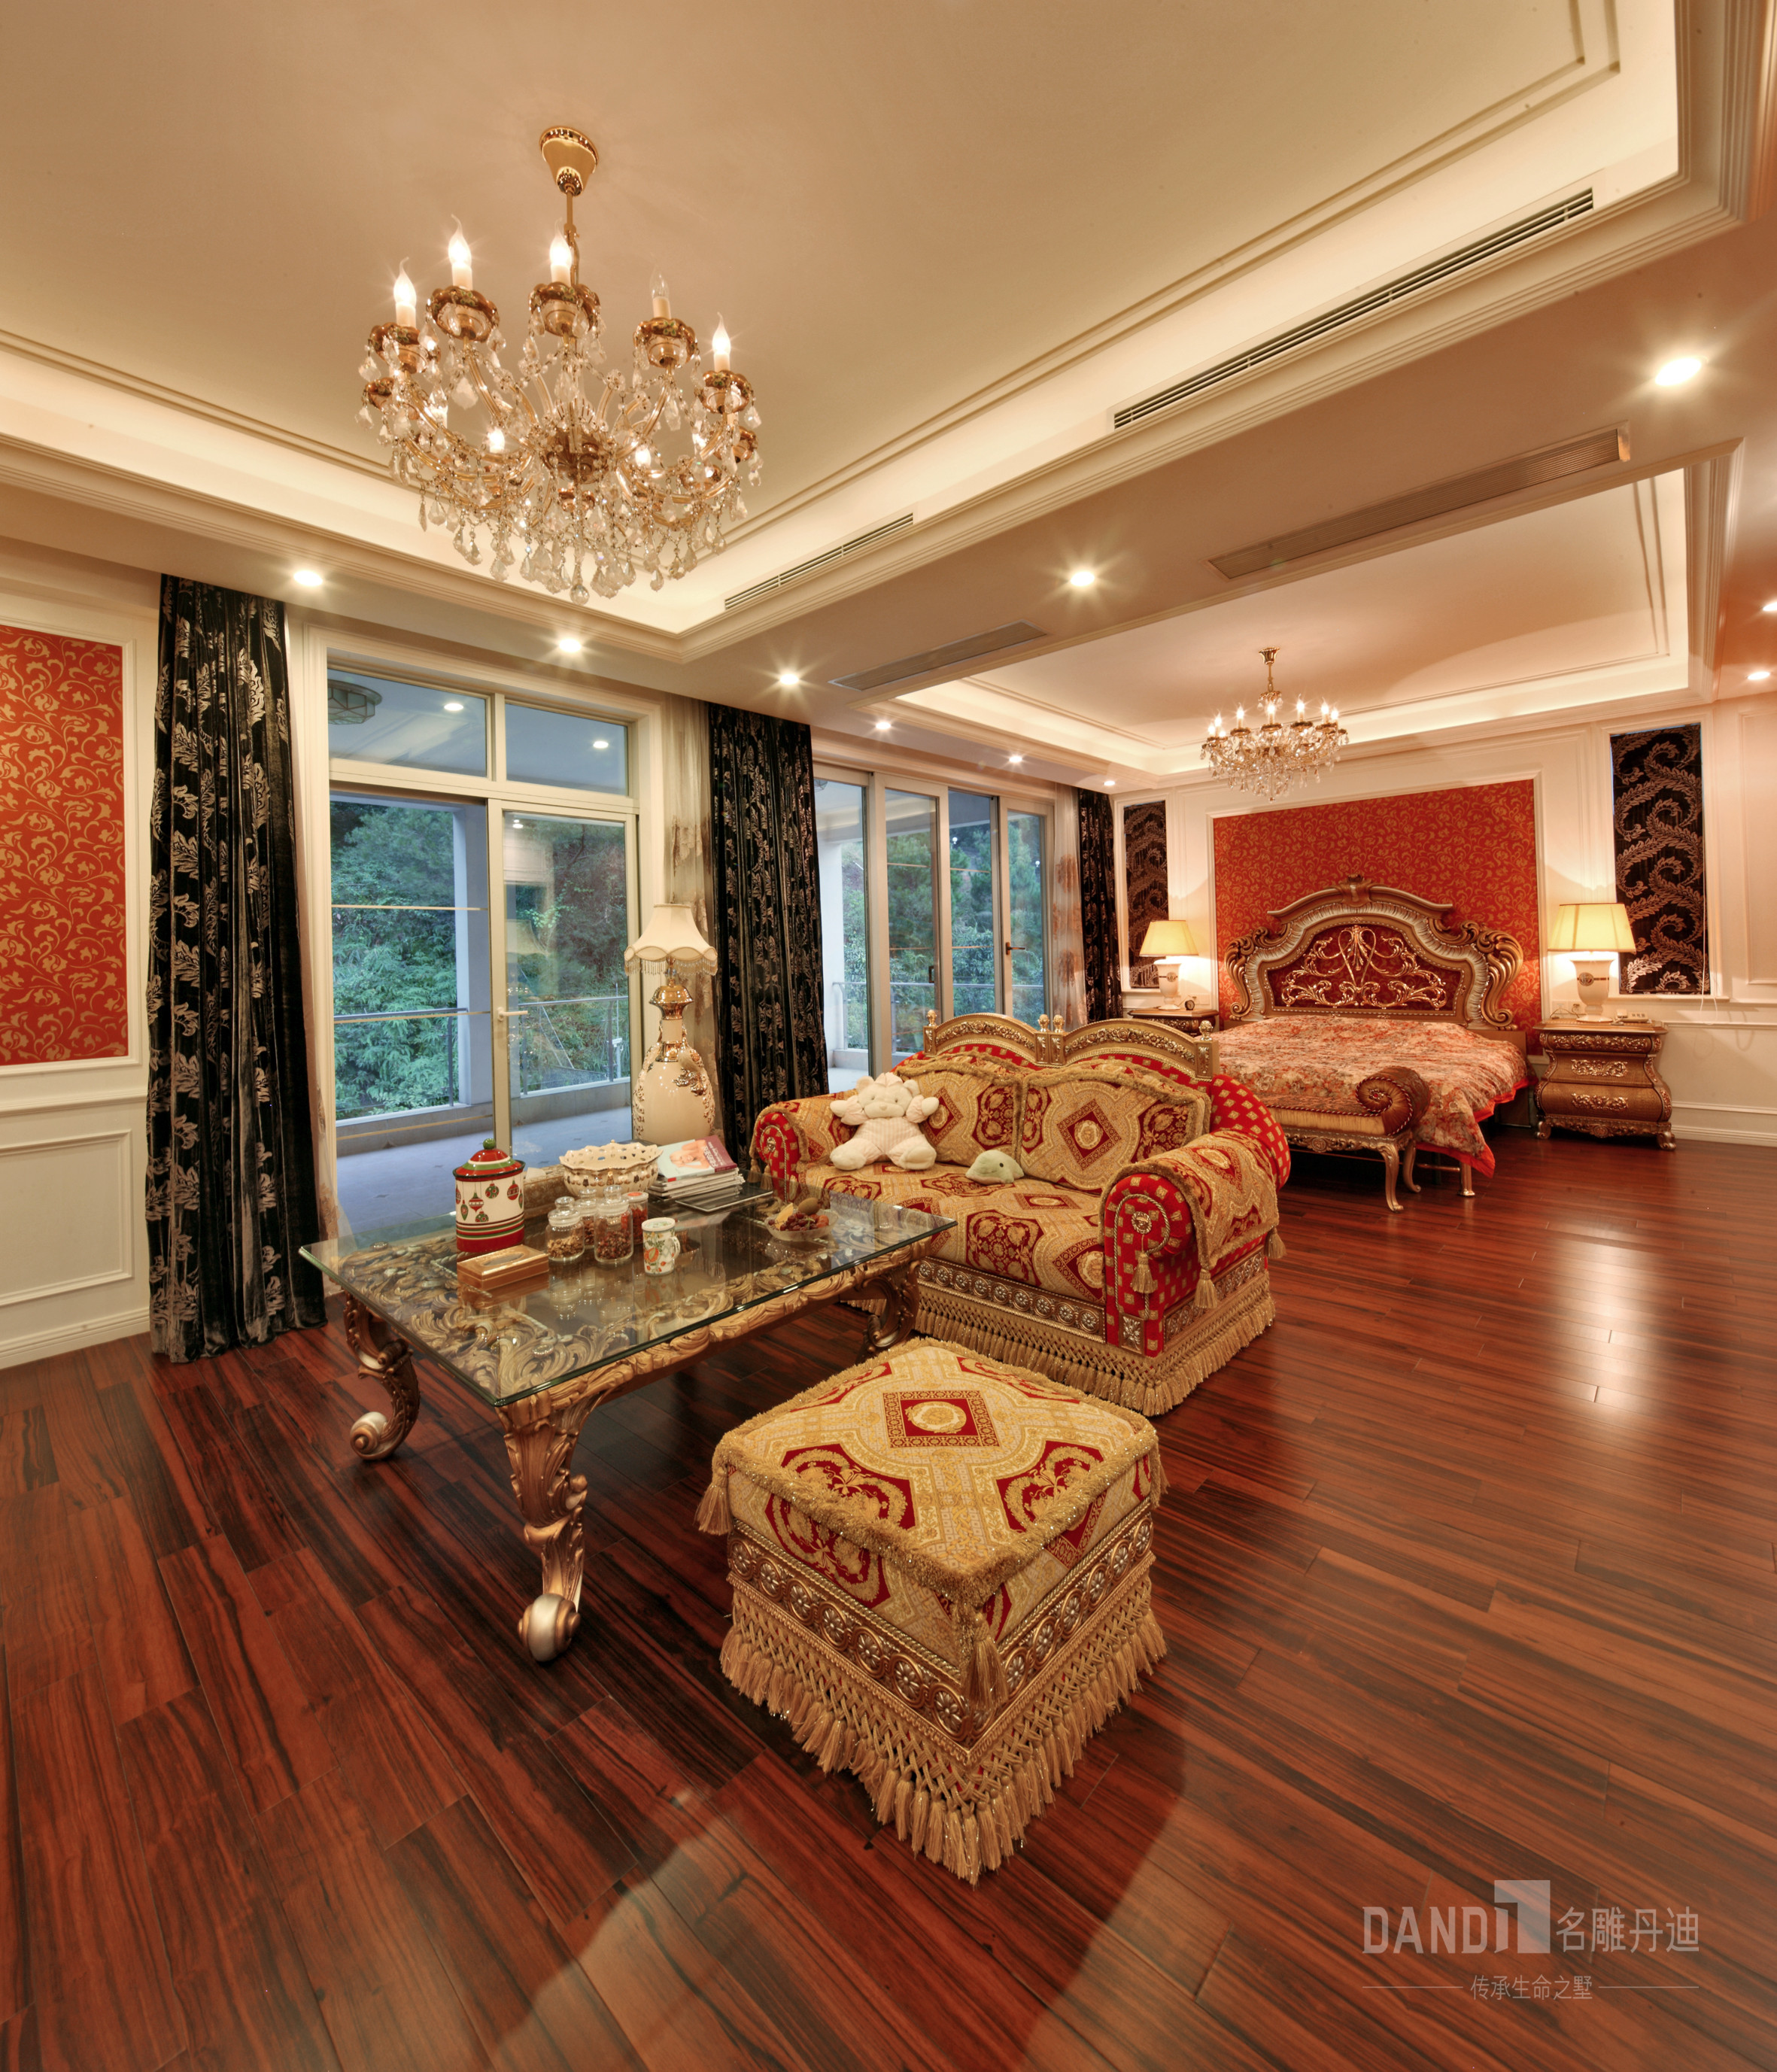 简约 别墅 小资 客厅图片来自名雕丹迪在齐明别墅装修案例的分享